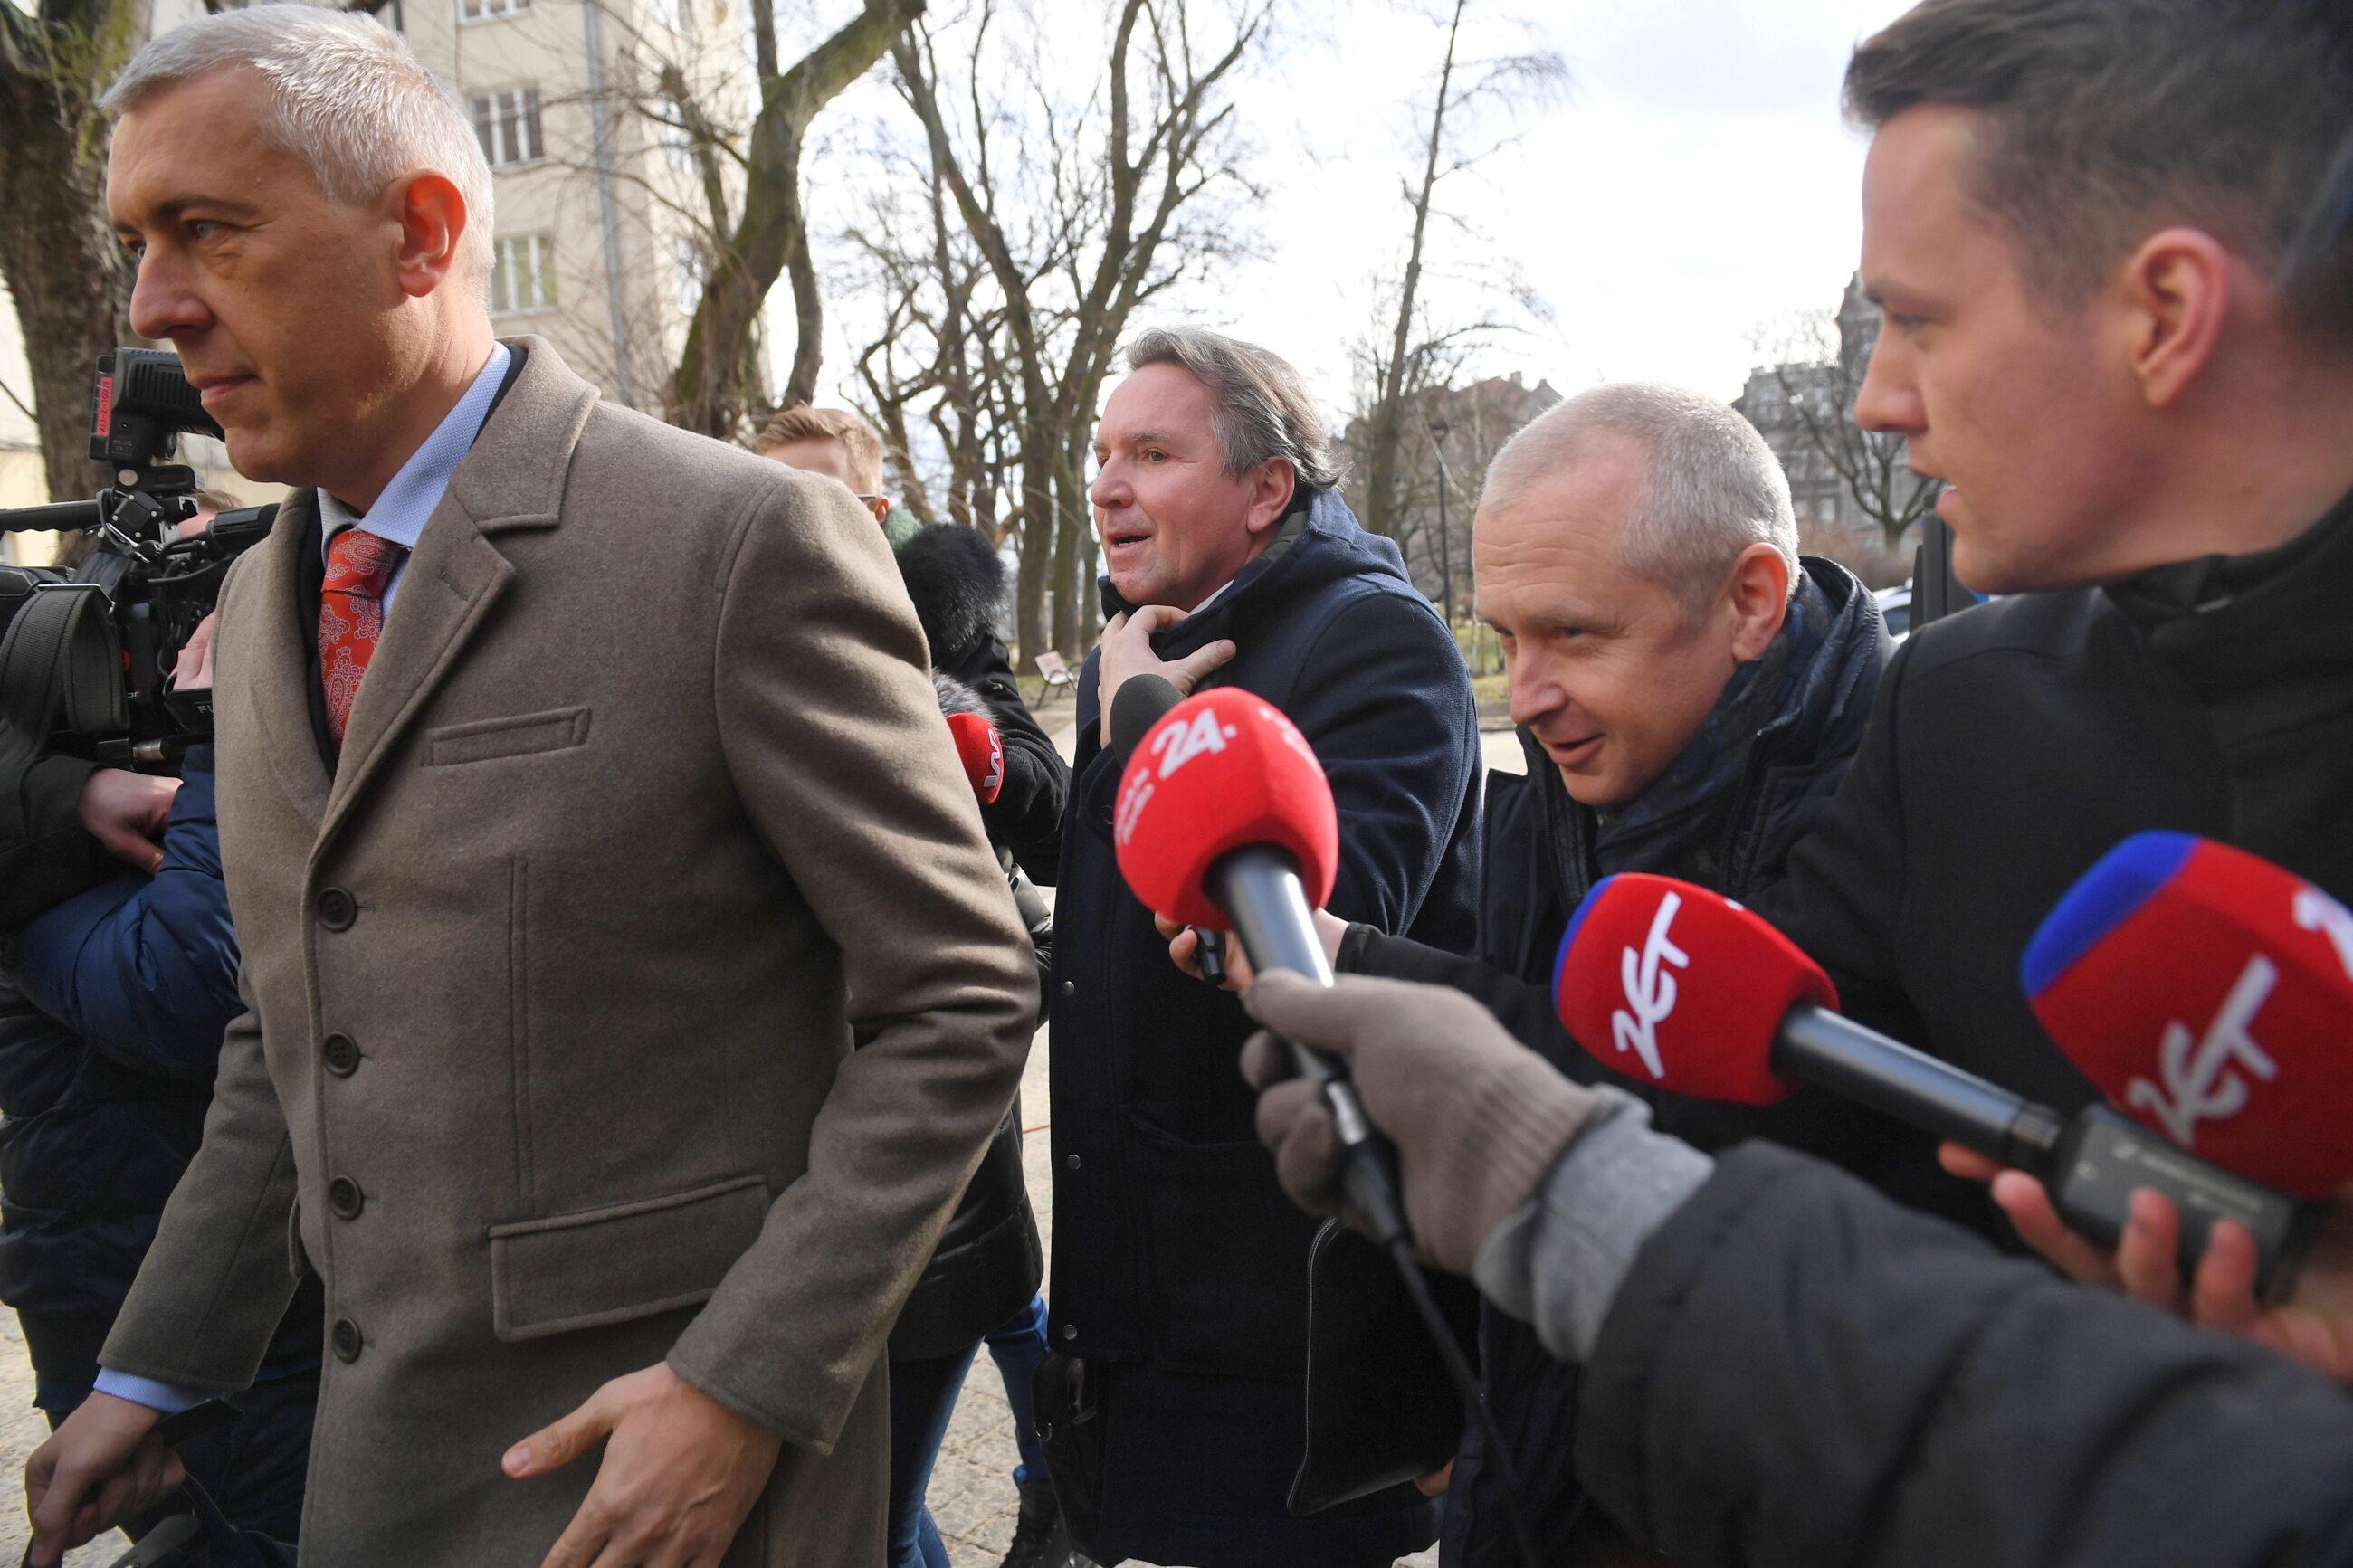 Gerald Birgfellner w drodze do prokuratury razem z Romanem Giertychem i Jackiem Dubois